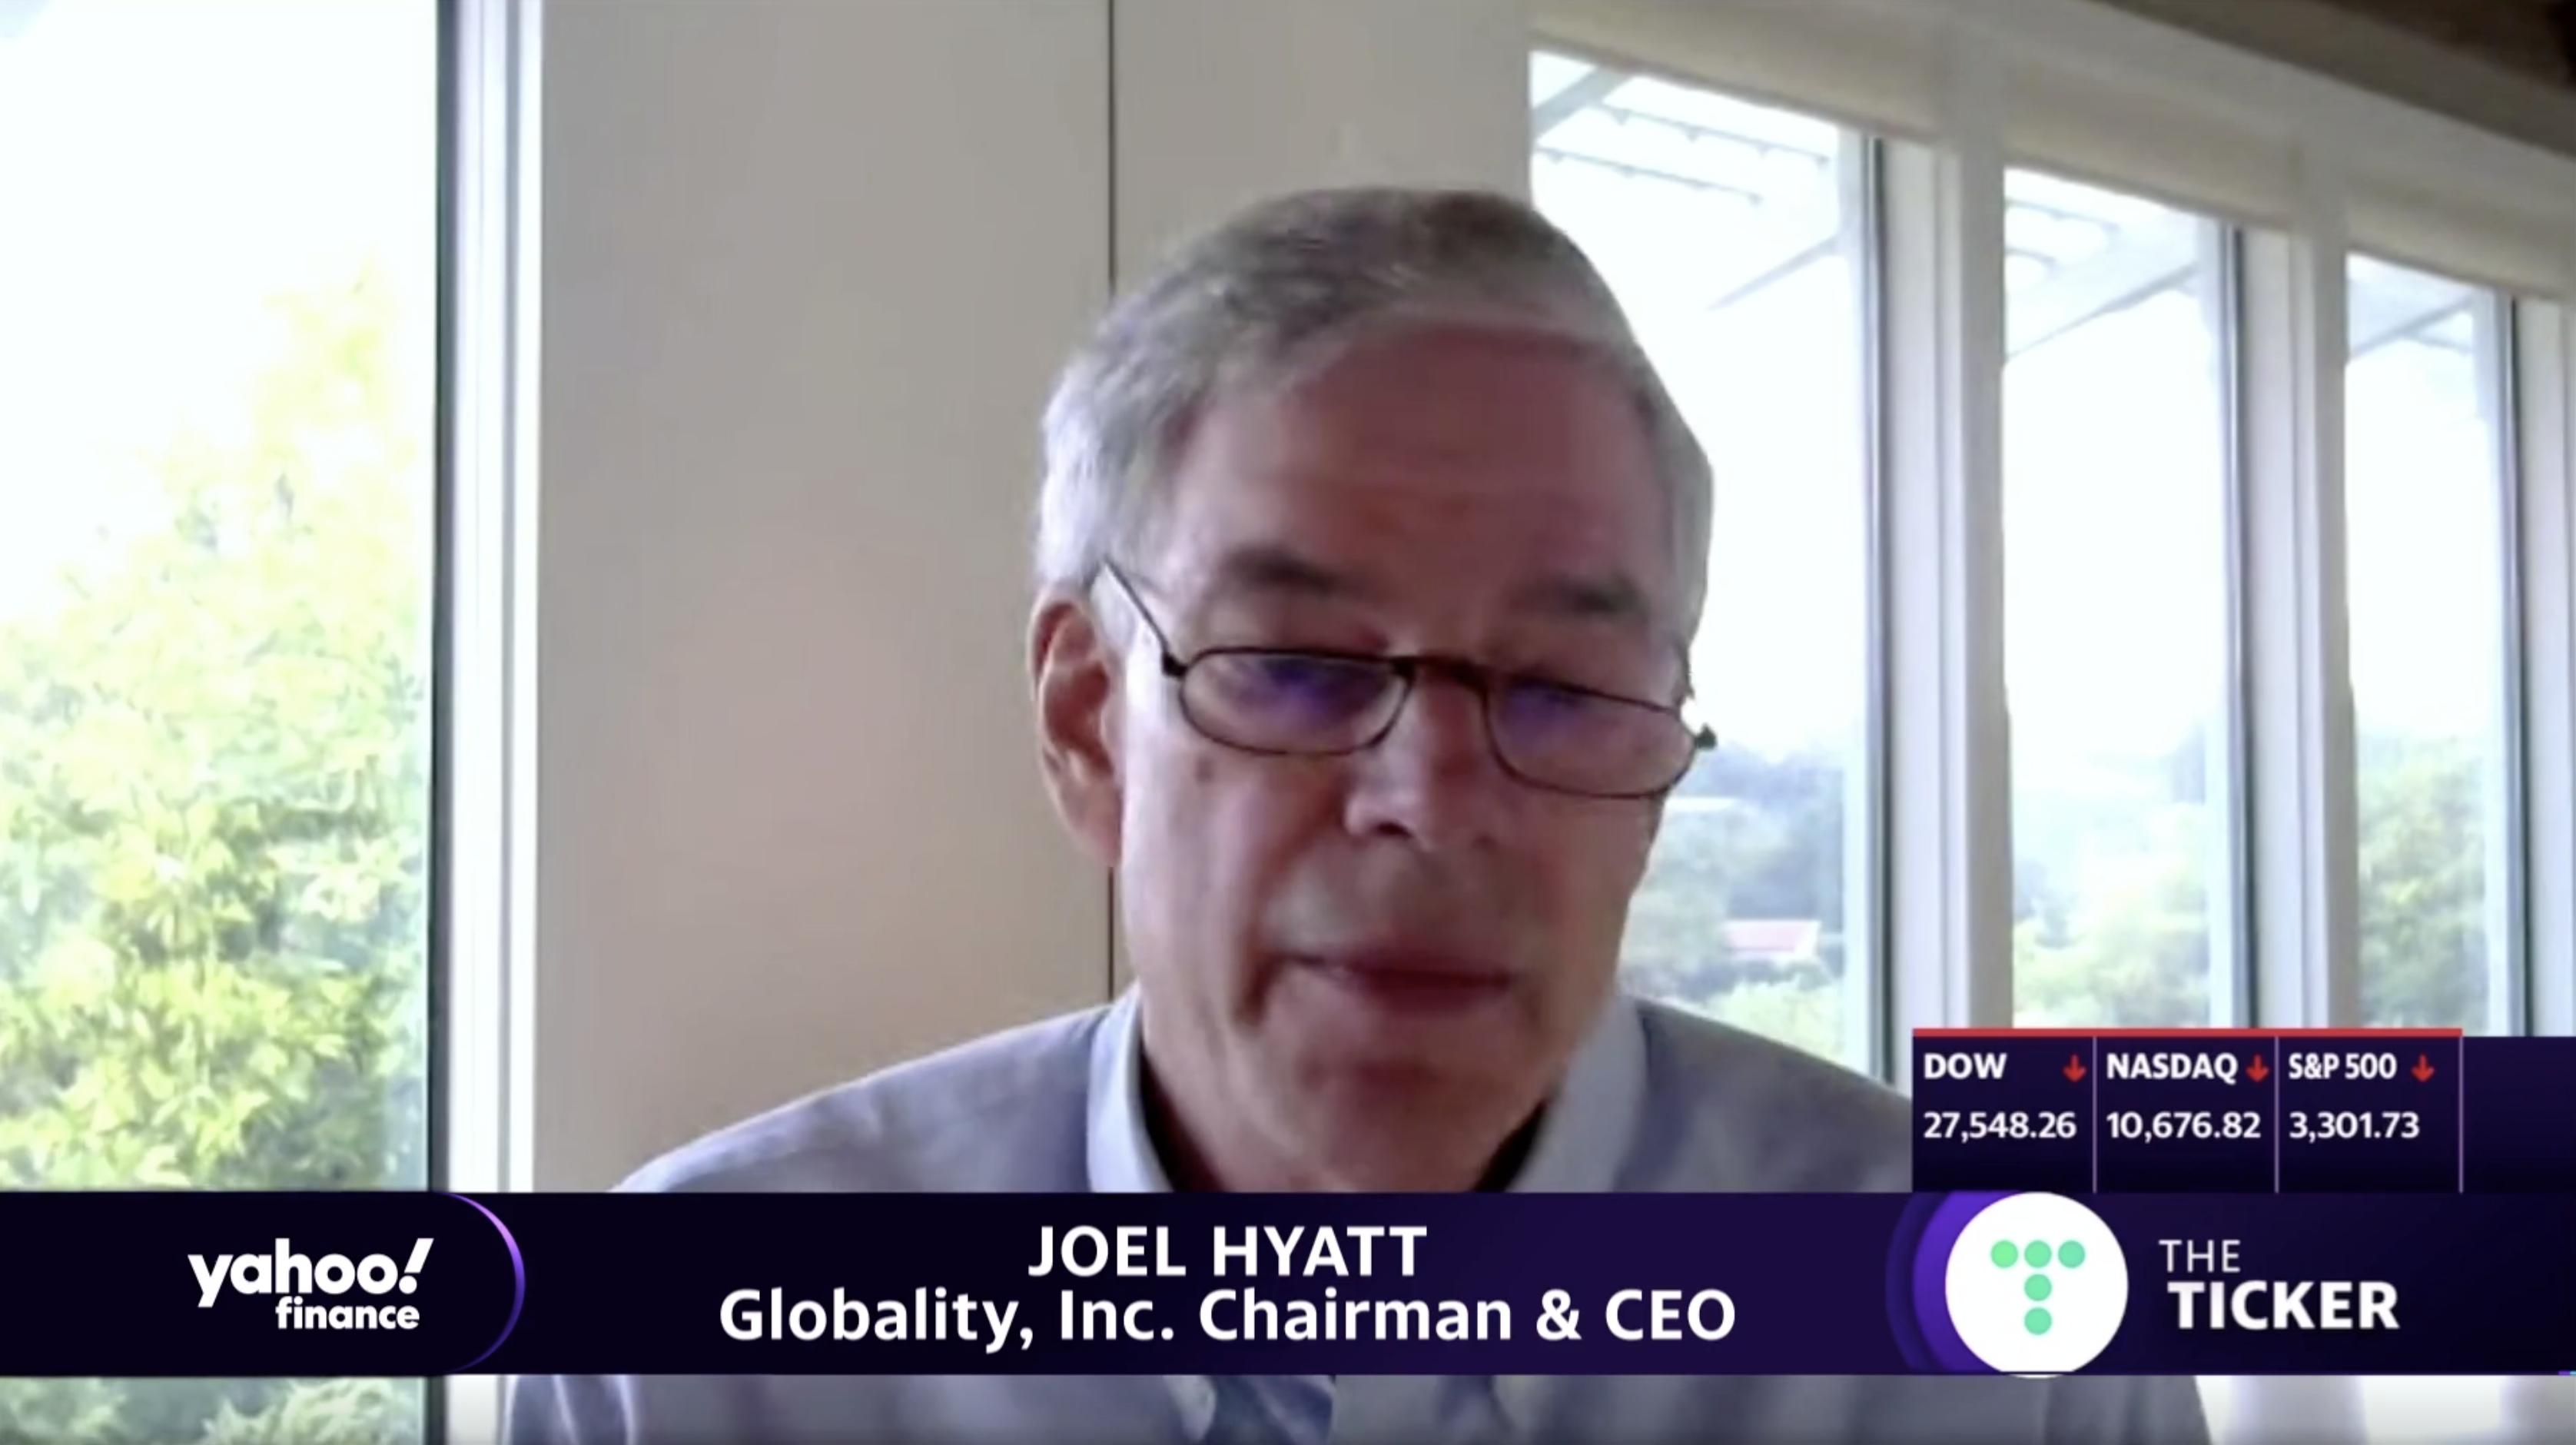 Joel Hyatt on Yahoo Finance